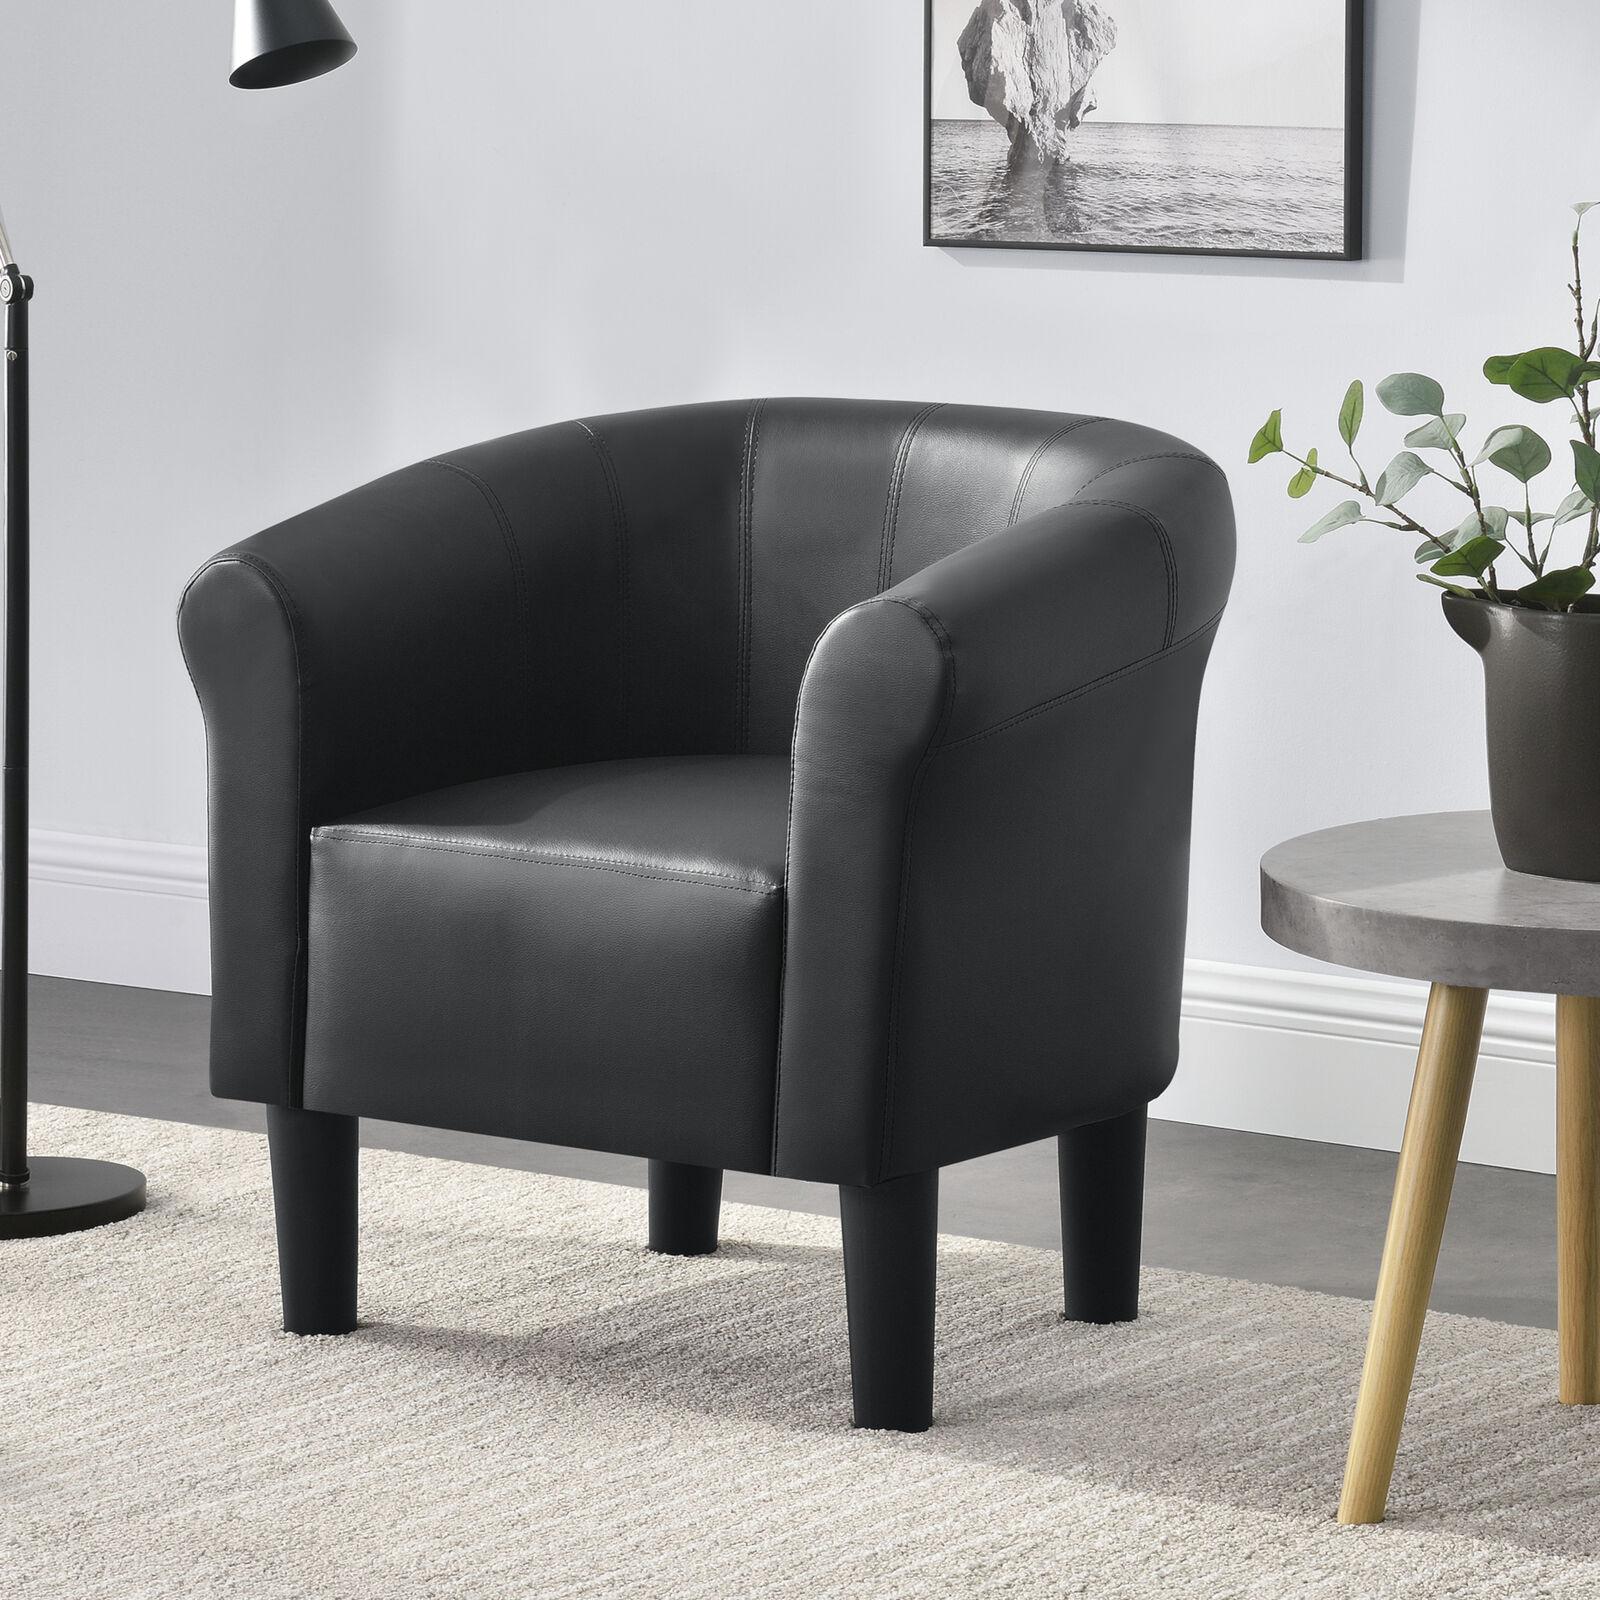 [en. casa] sillón negro club sillón Lounge sillón cóctel sillón sillón